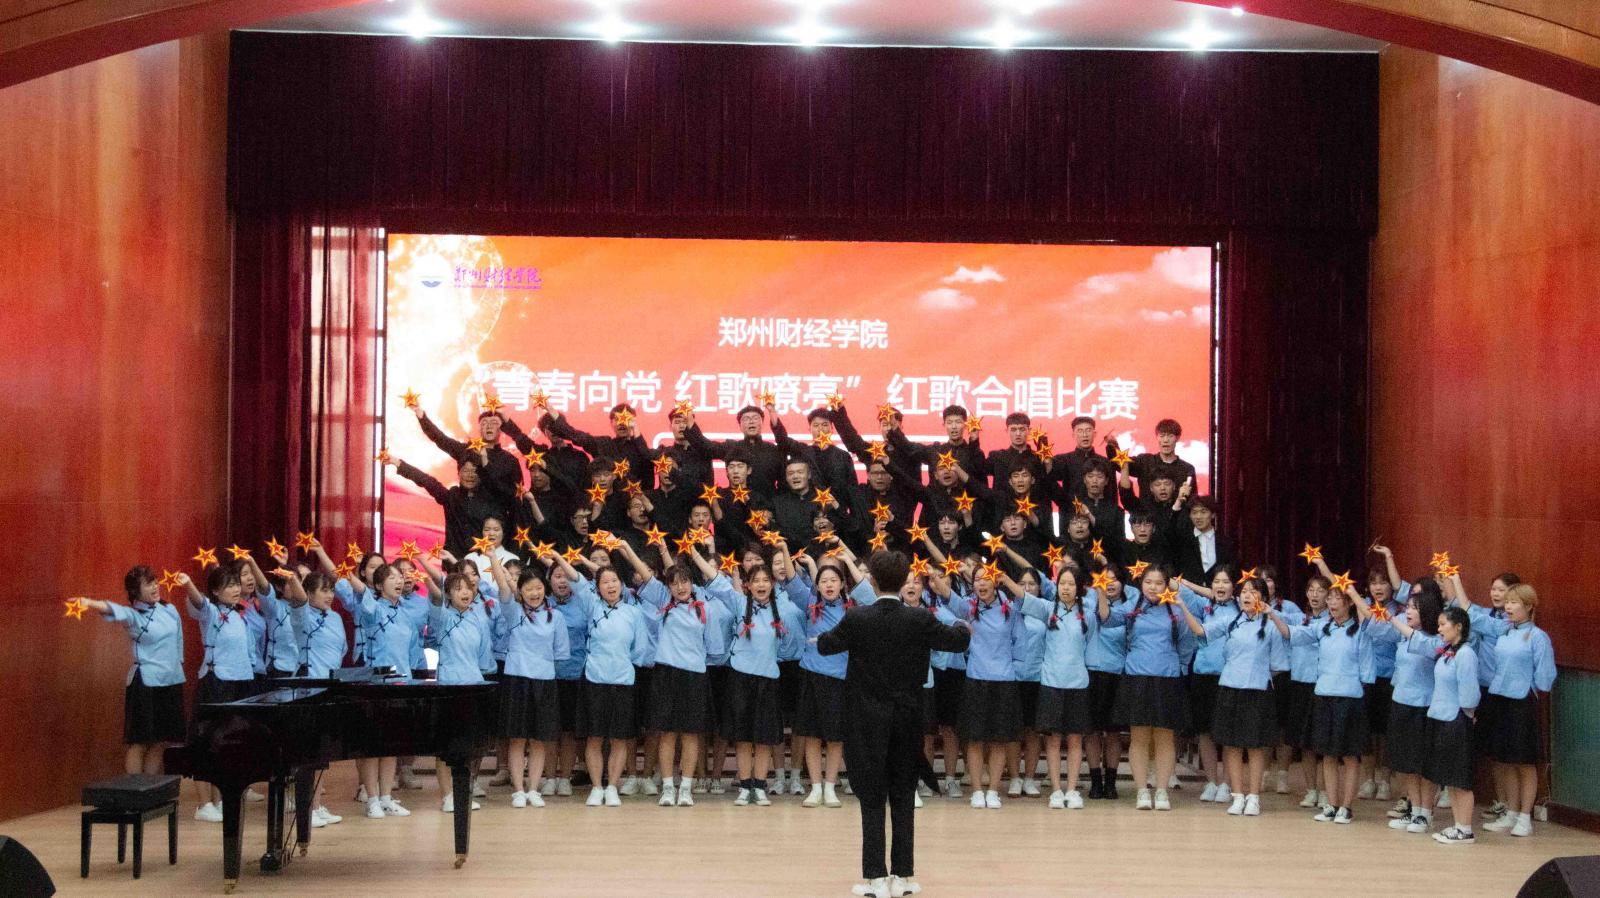 我校庆祝中国共产党成立100周年红歌合唱比赛圆满落幕